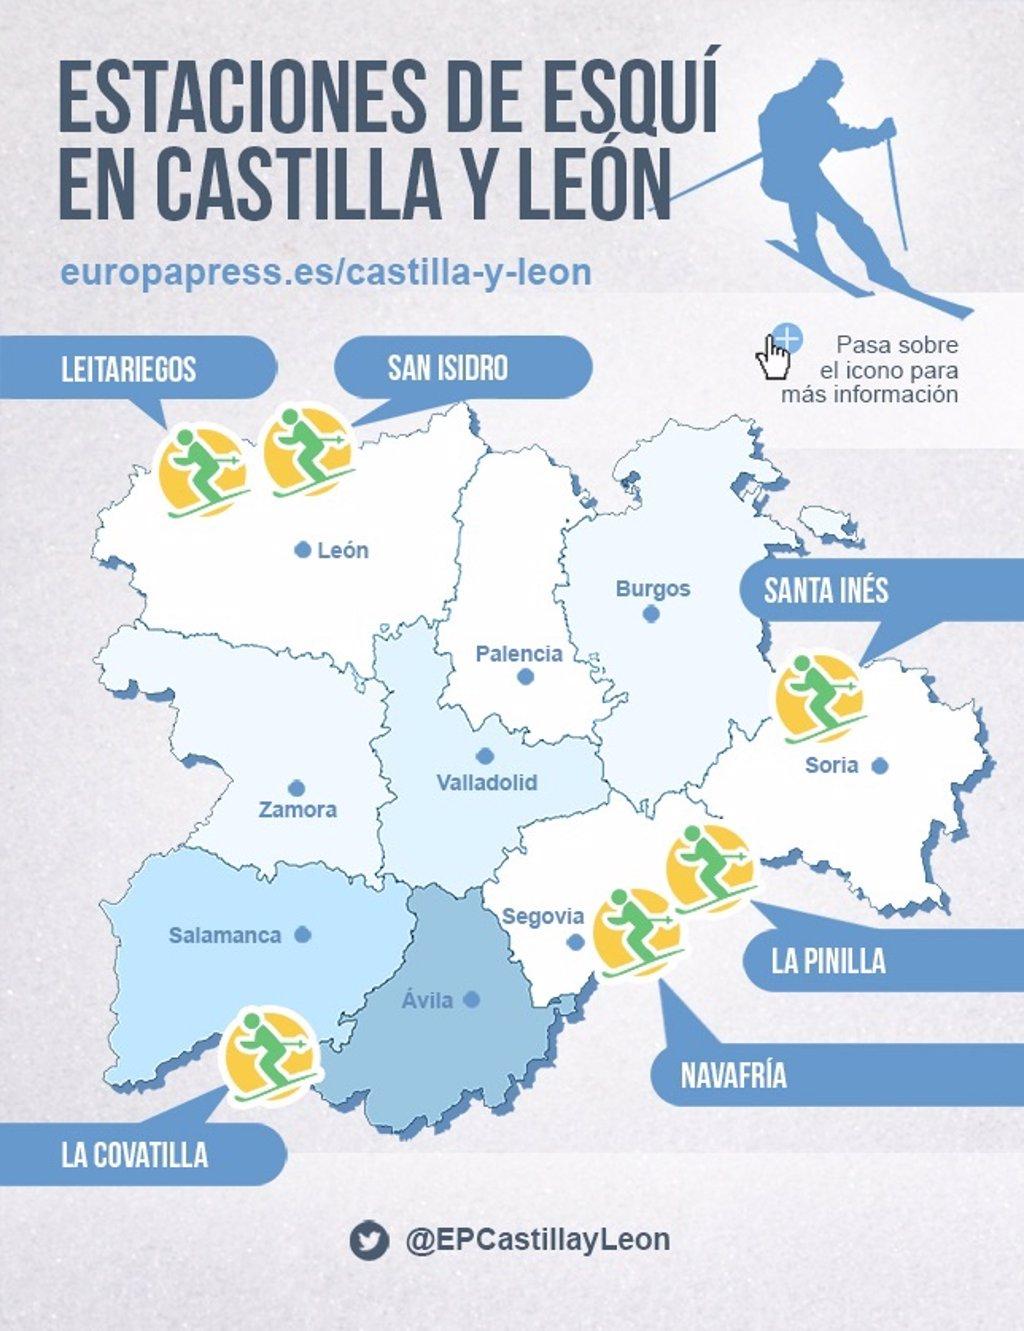 Estaciones De Esqui Mapa.Mapa De Las Estaciones De Esqui En Castilla Y Leon